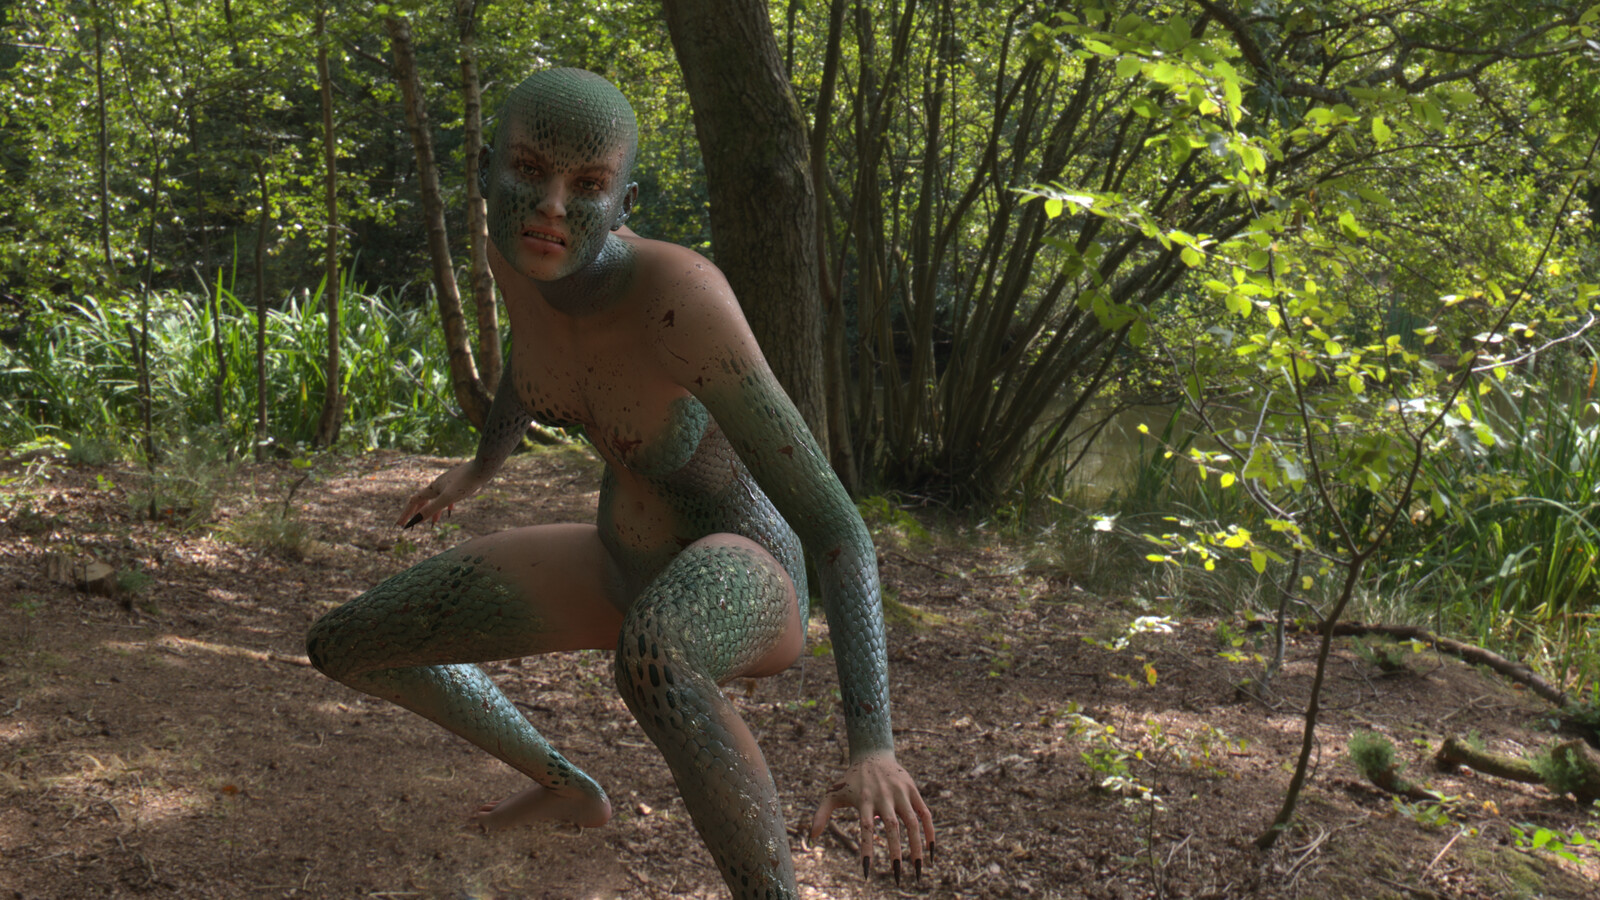 Reptile Girl